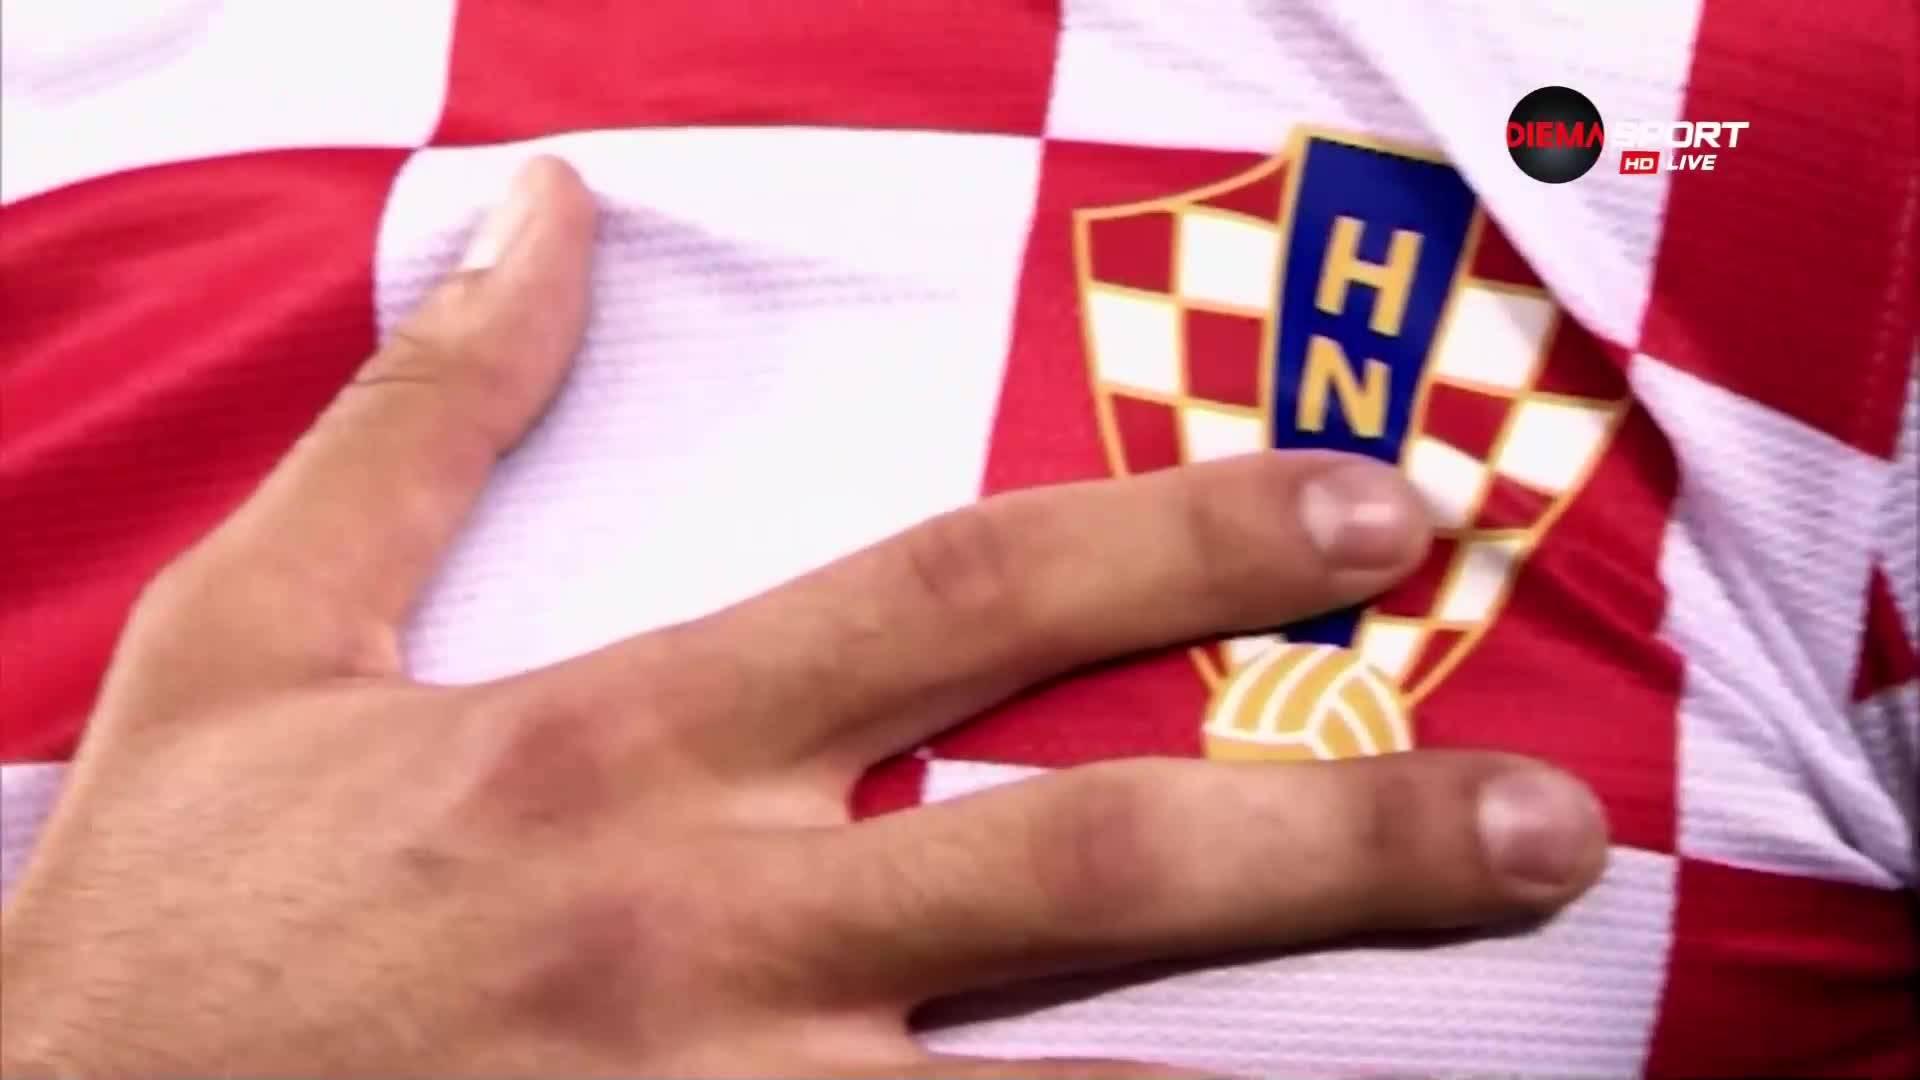 d28579c5934 Хърватия срещу руските мечти - Футбол свят - Мондиал 2018 - Gong.bg